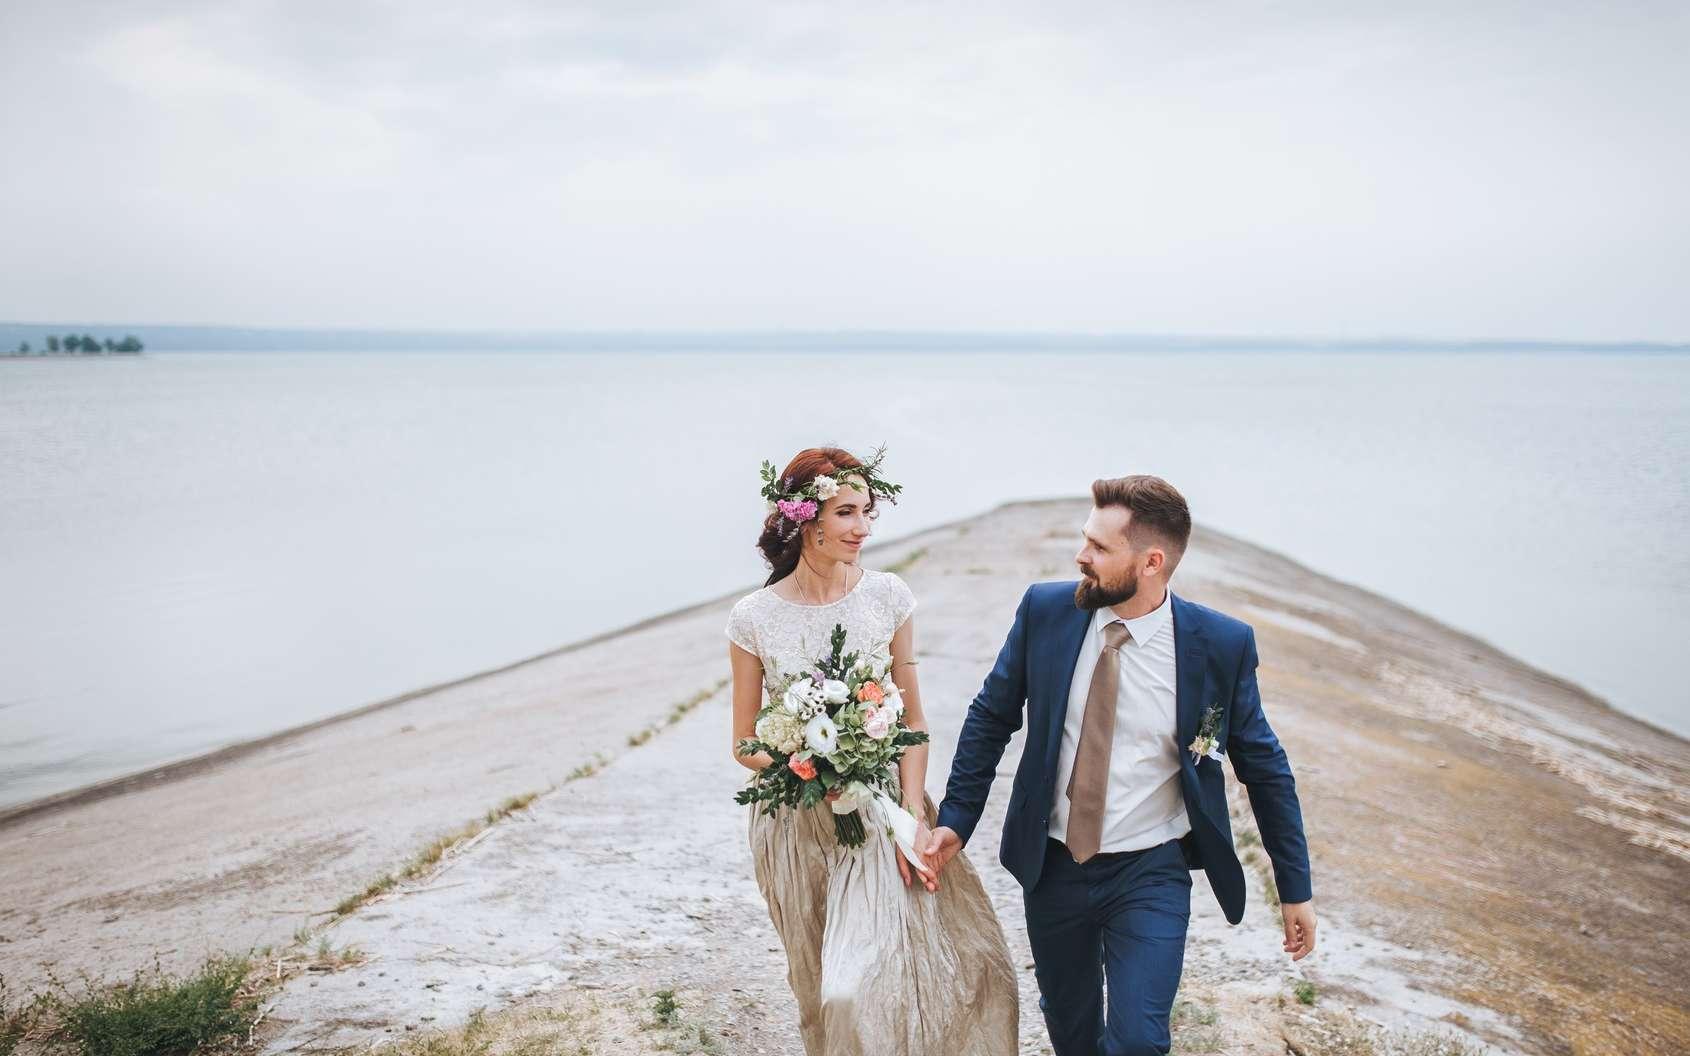 Le mariage, une solution de raison pour rester en bonne santé ? © shchus, Fotolia